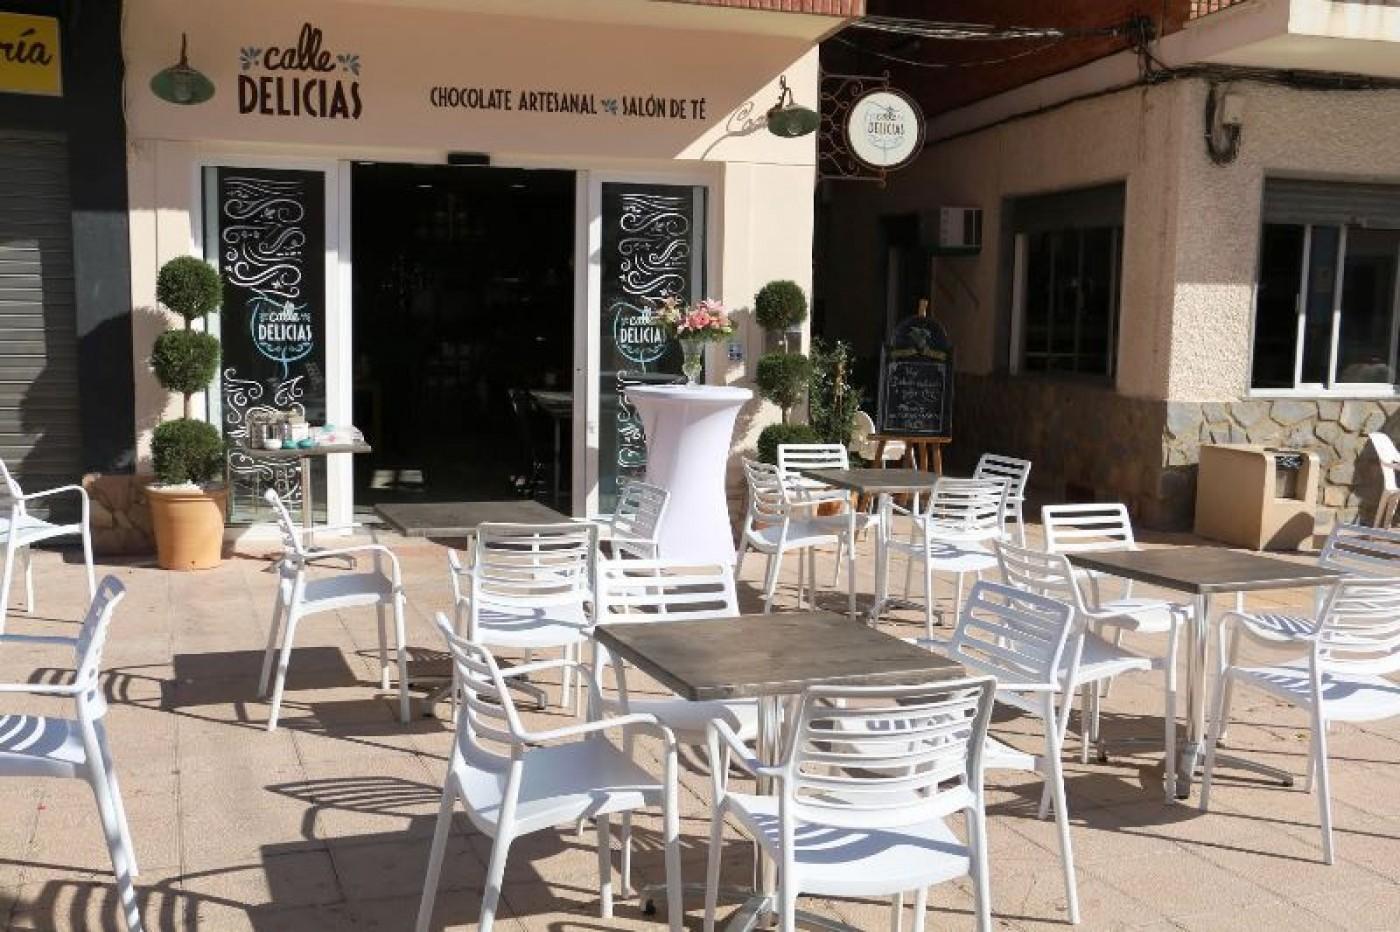 Calle Delicias café and chocolate specialists in Mazarrón